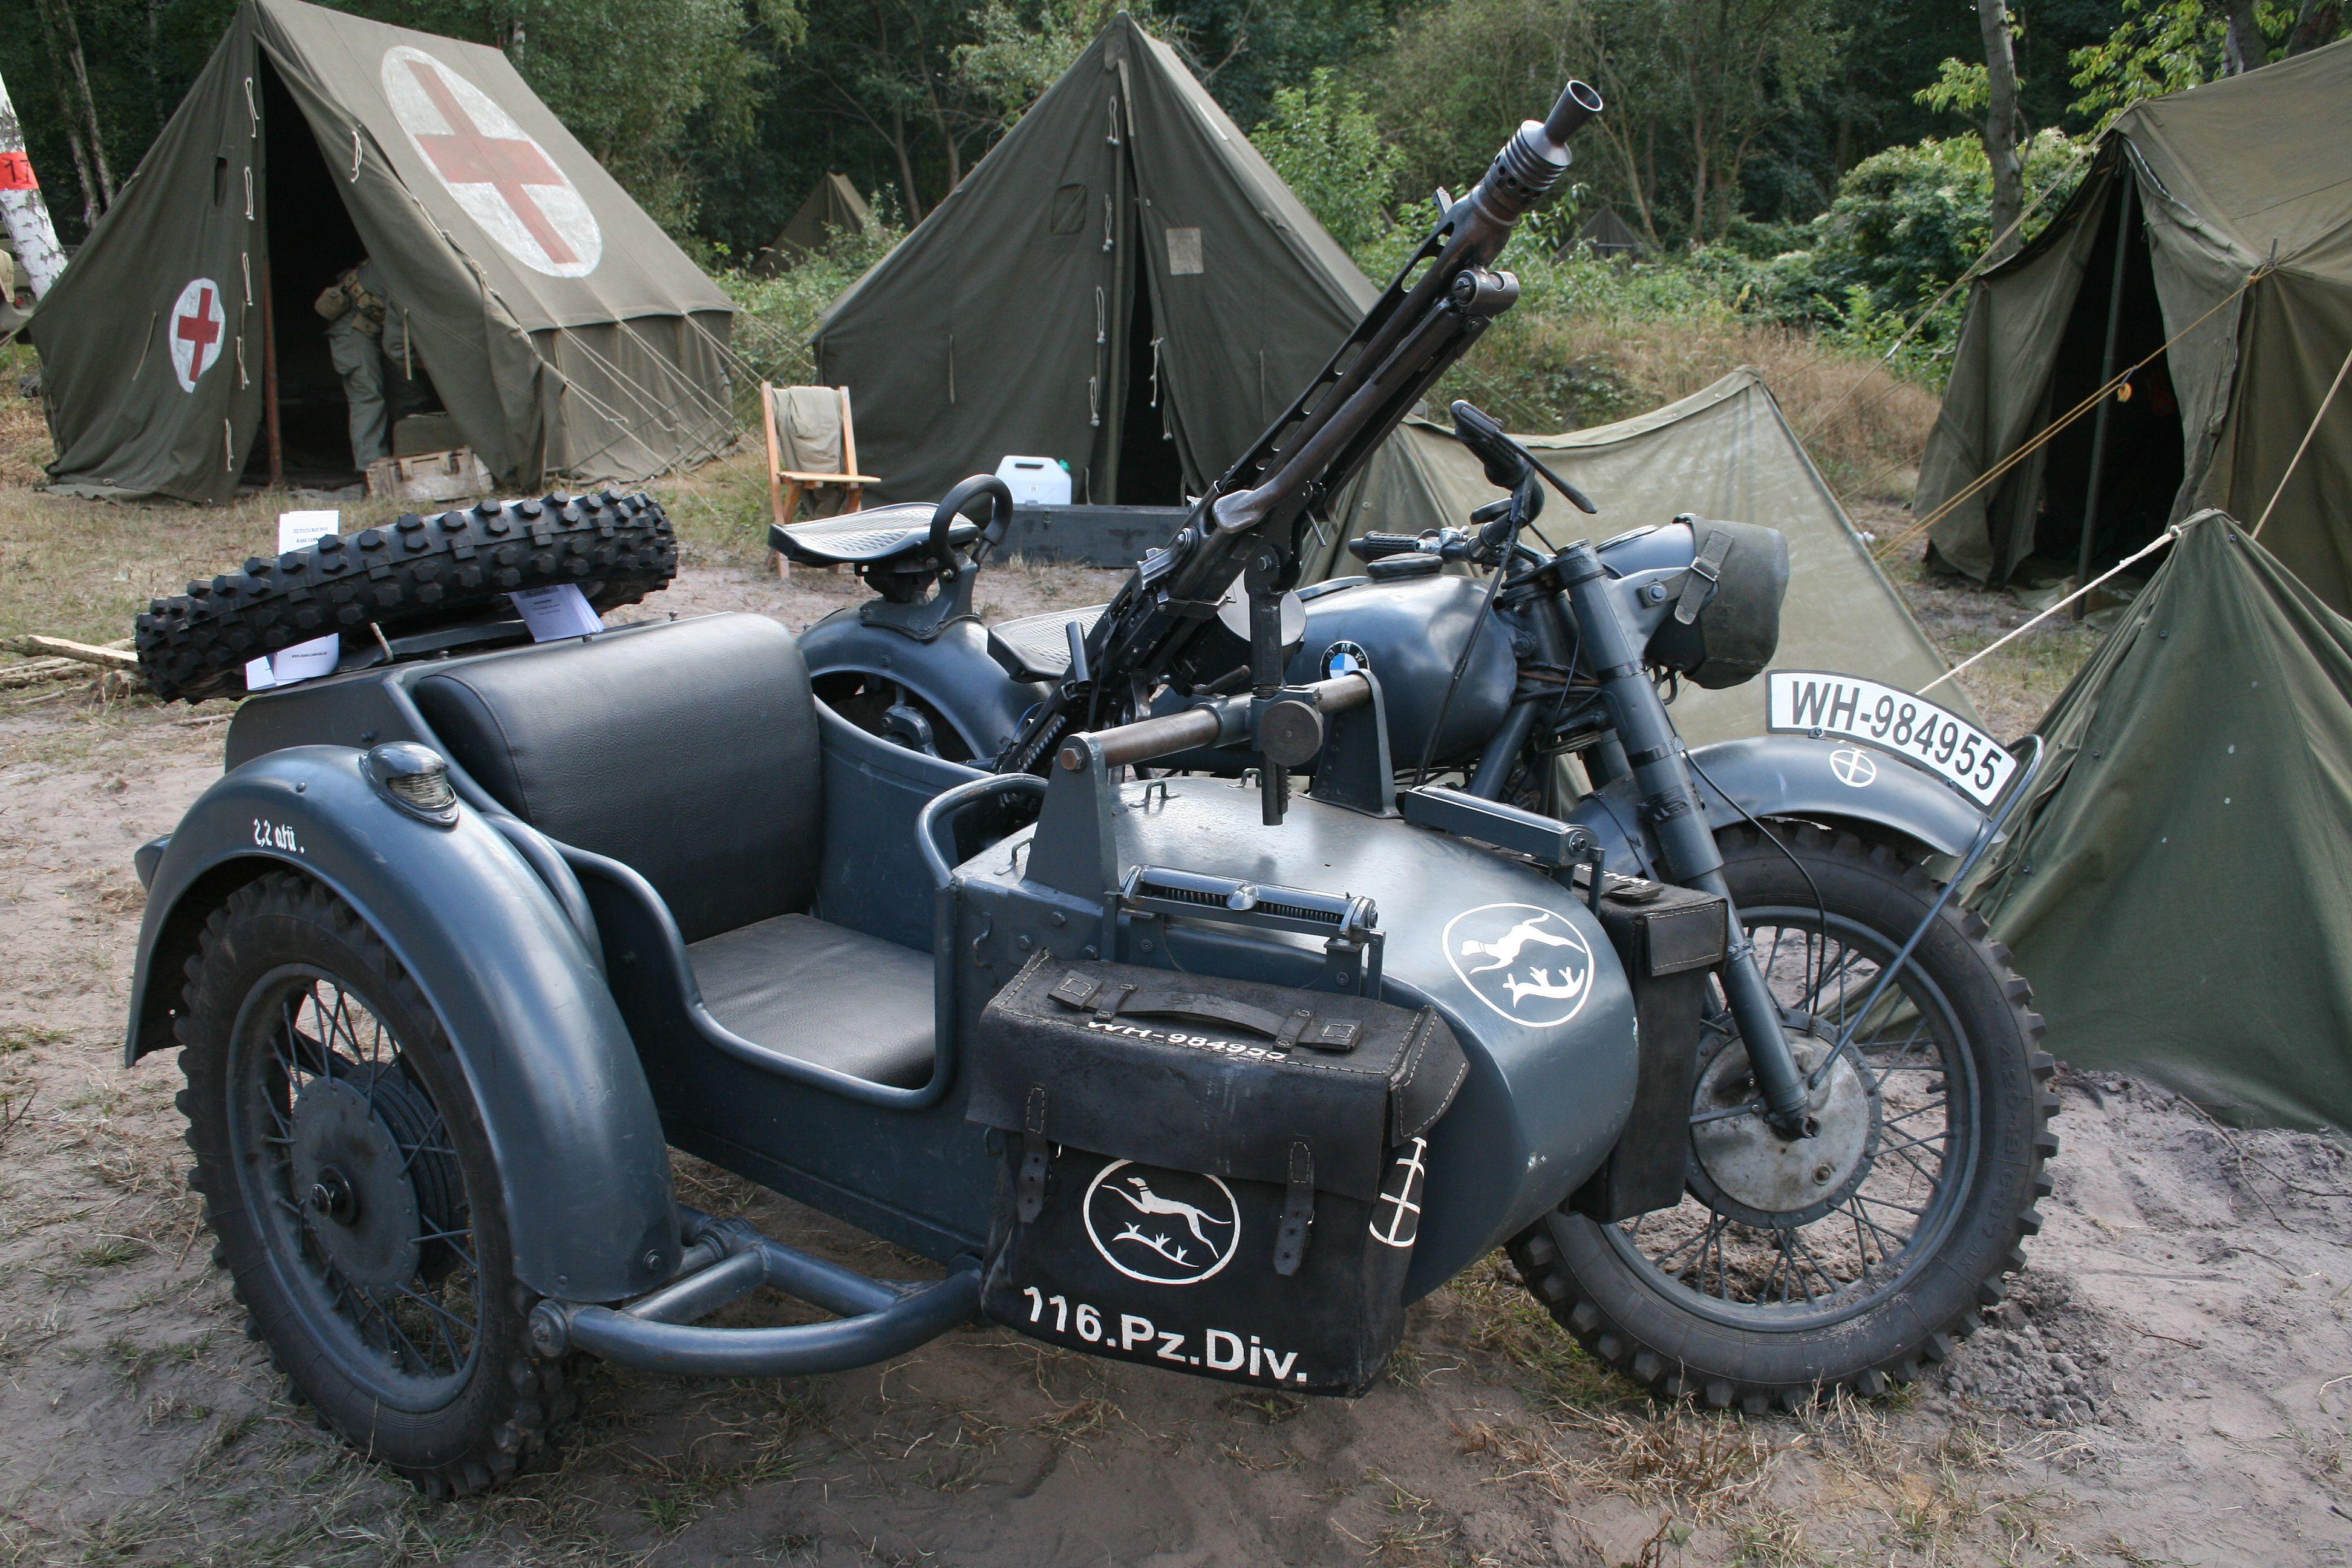 137112227634.jpg (3888×2592)   Sidecar, Motorcycle, Motorcycle sidecar